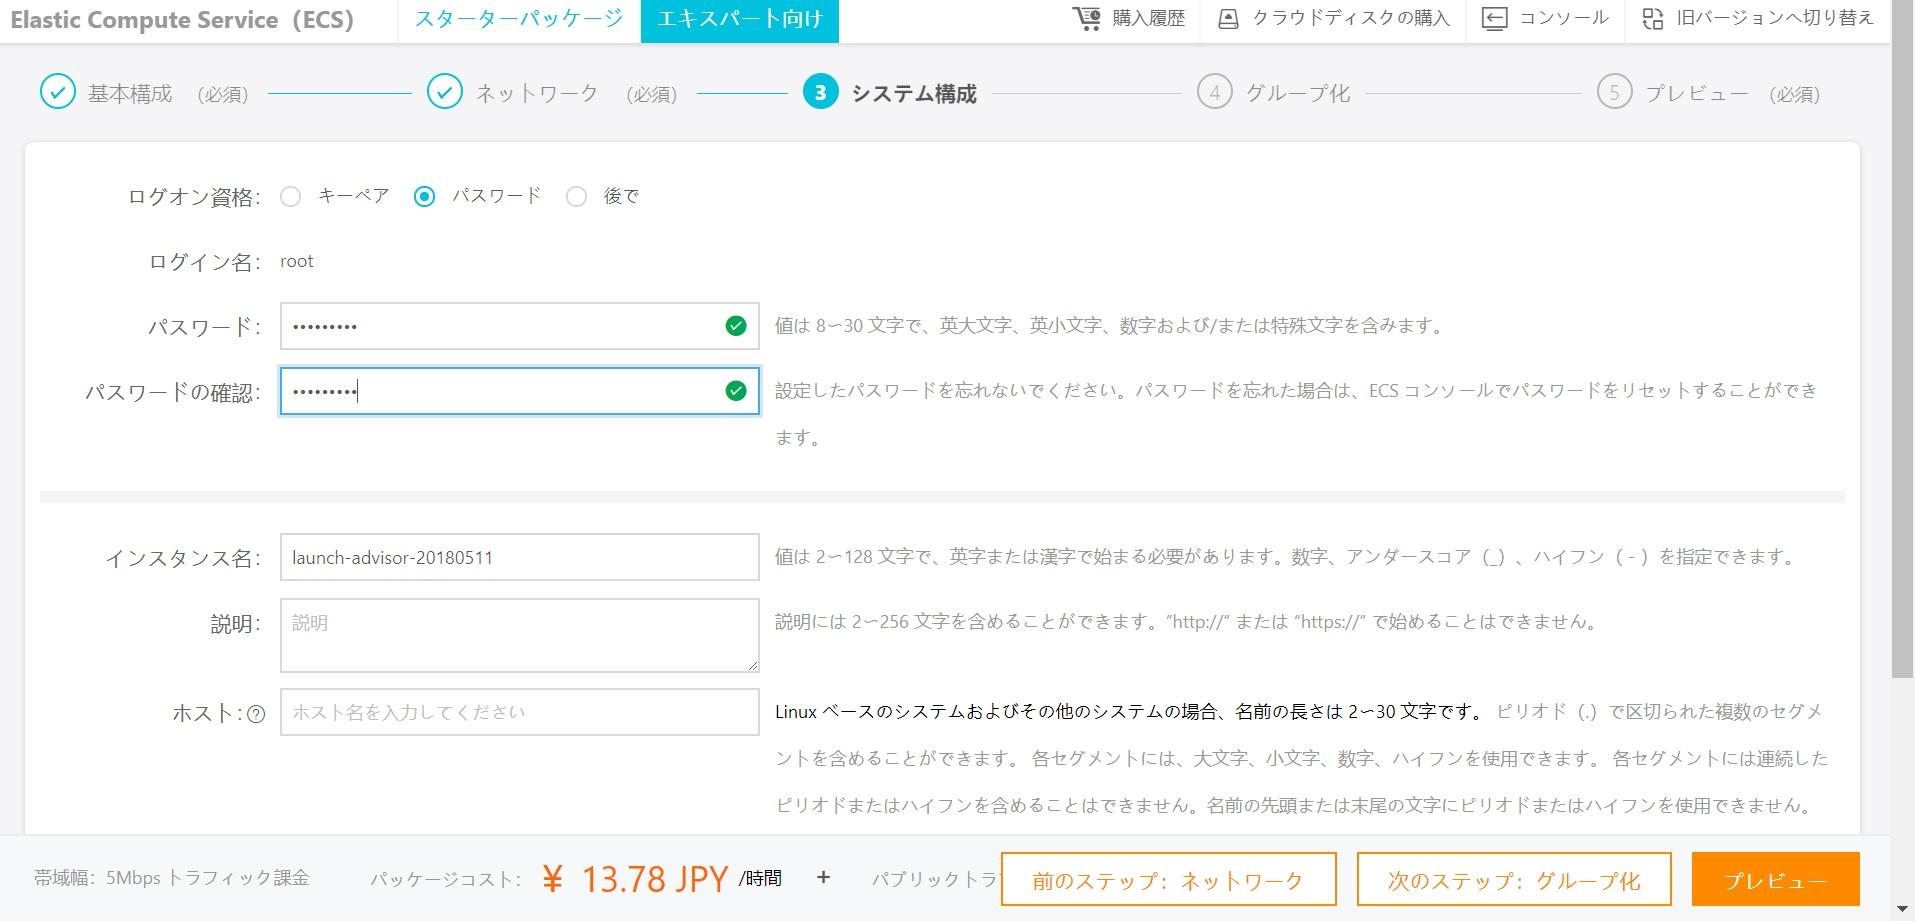 05-1_システム構成.jpg